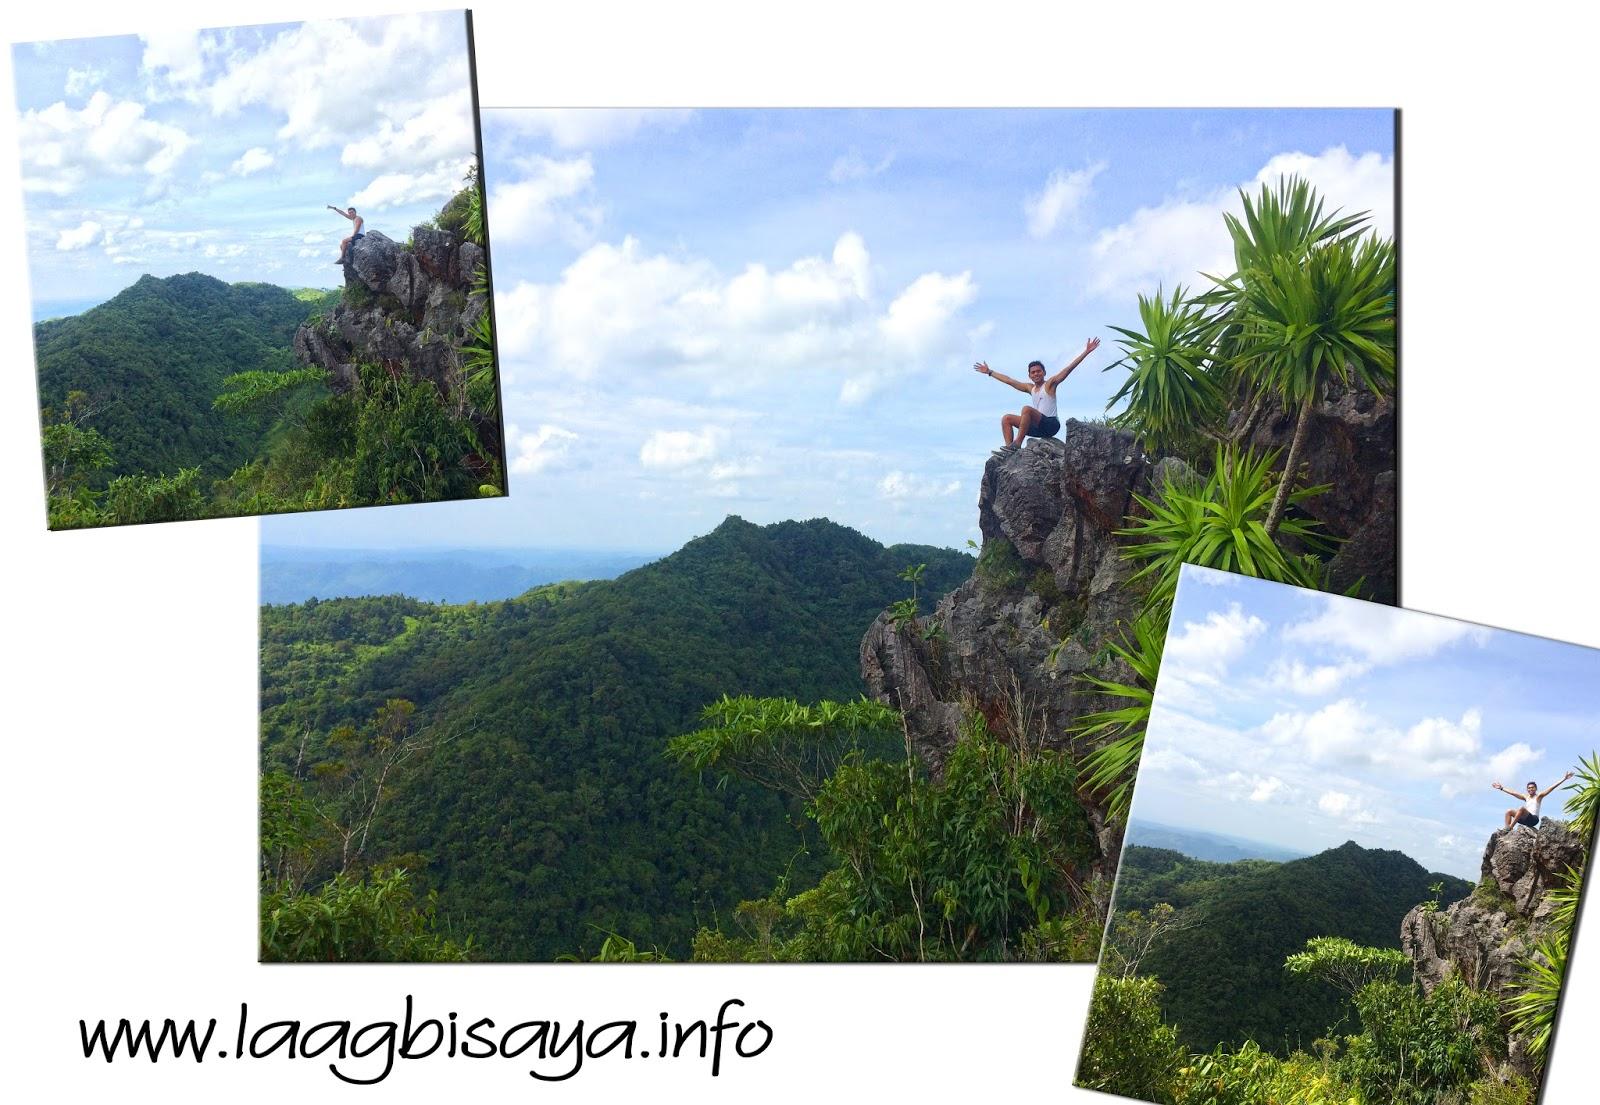 Mt. Mauyog in Balamban